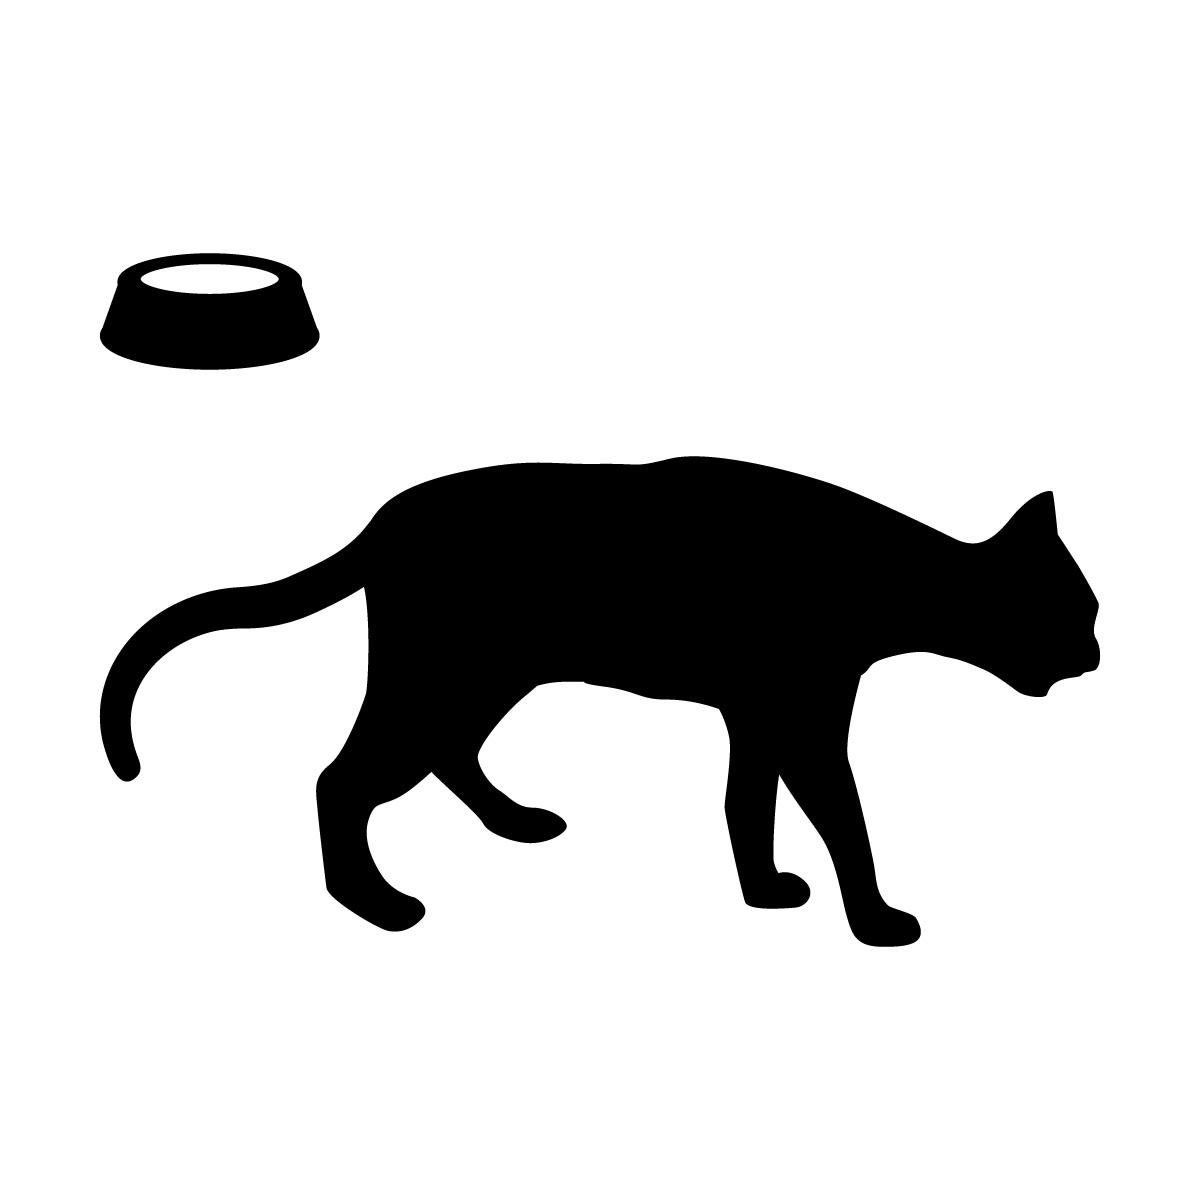 尻尾を下げて歩くネコ(お皿付き)のシルエットステッカー・シール